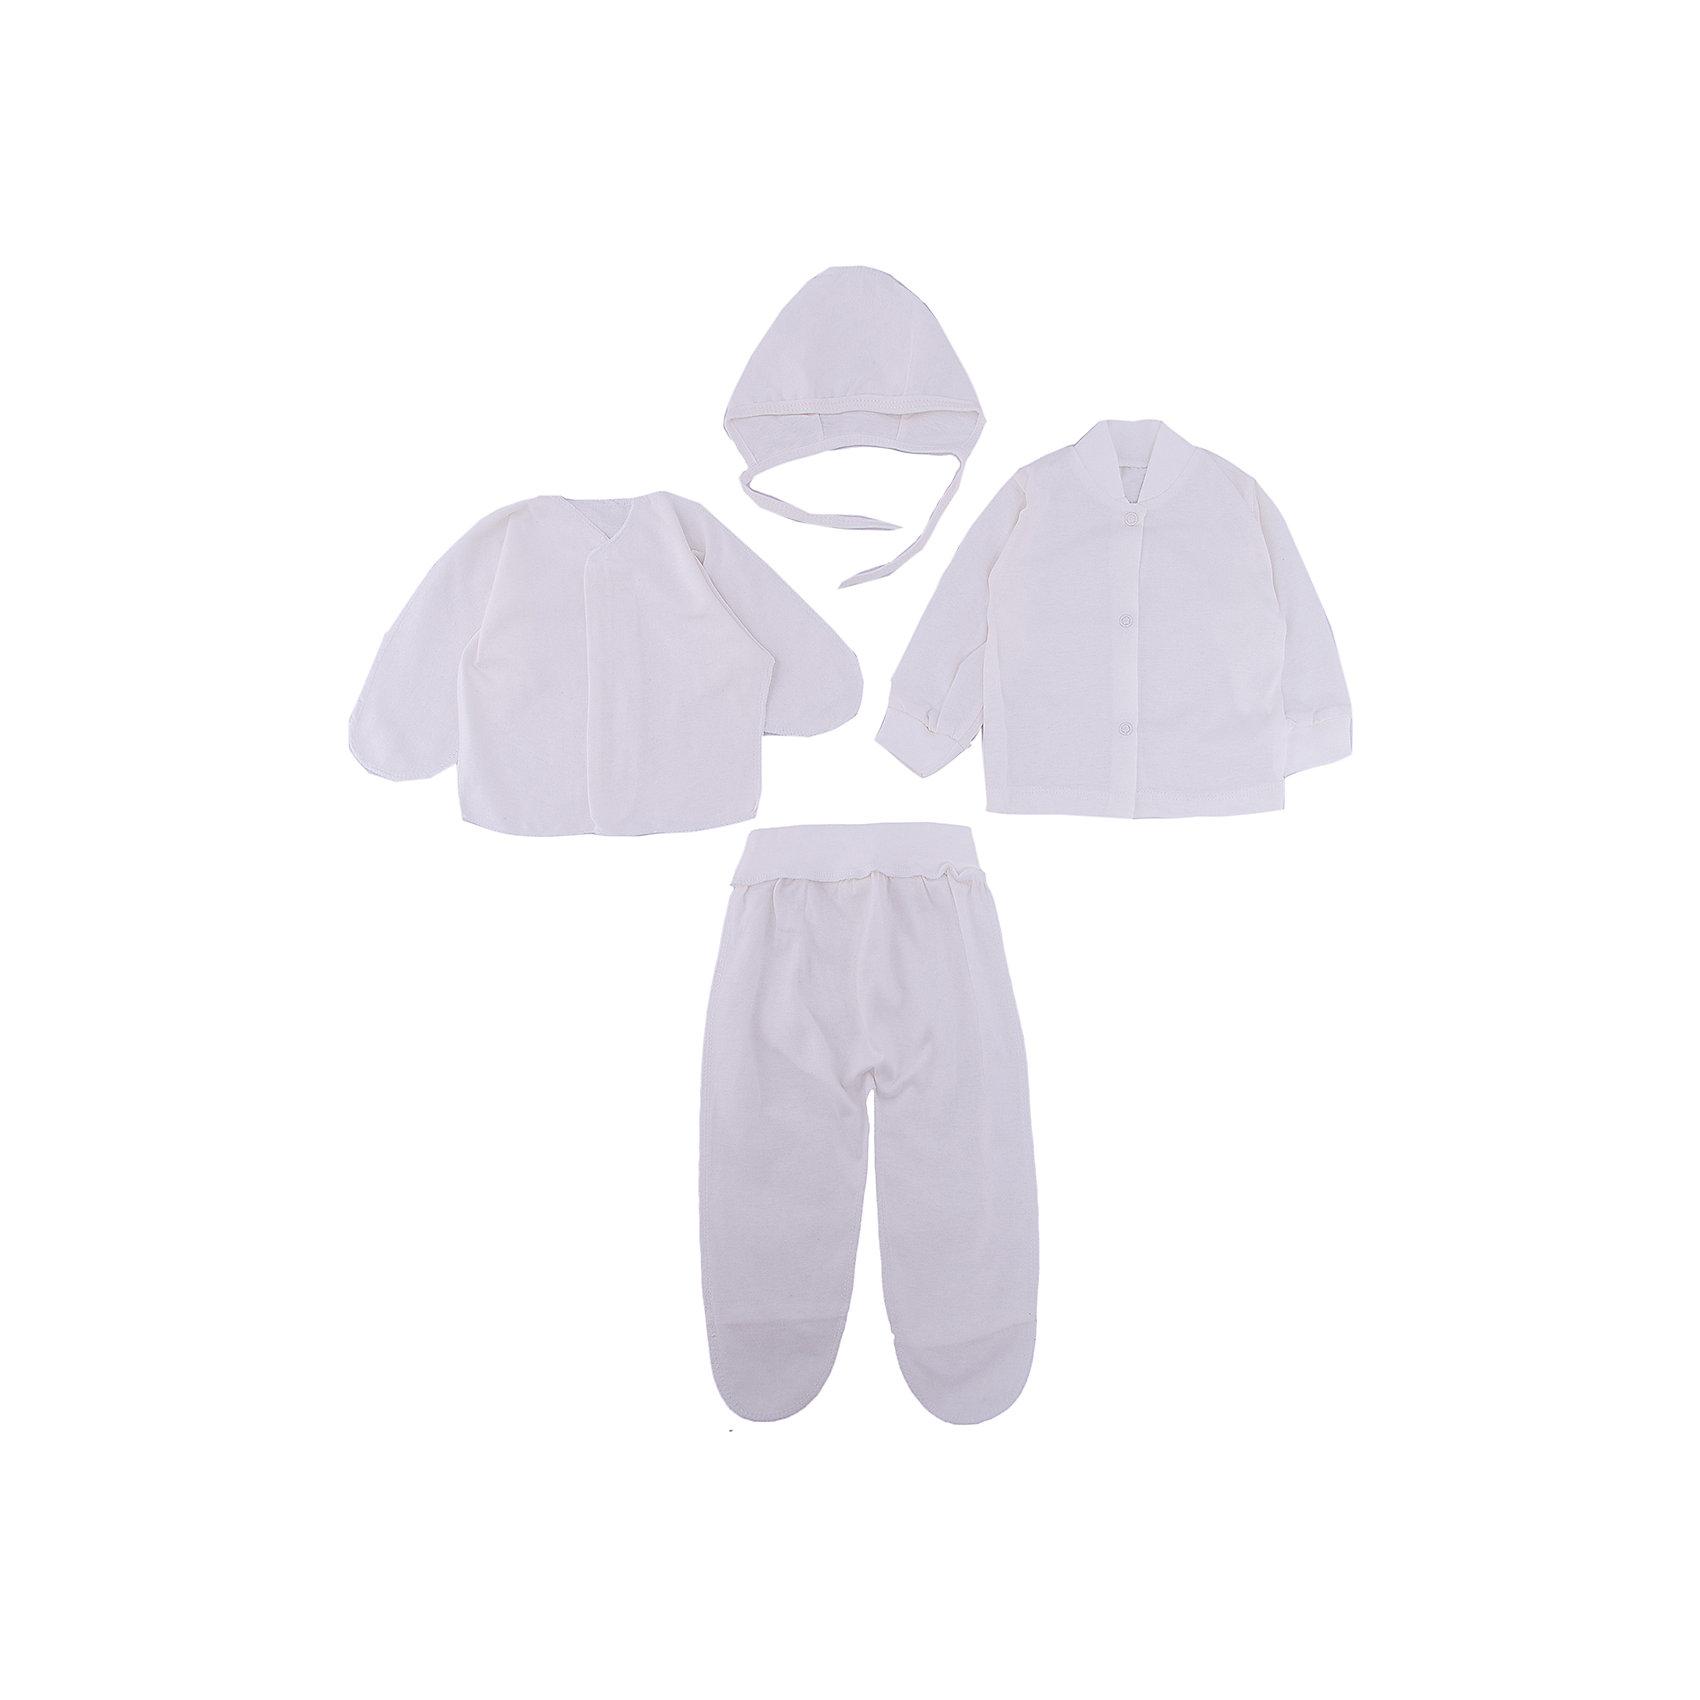 Комплект на выписку 7 пред., GulSara, 131.1 Джентельмен зима бежевыйНаборы одежды, конверты на выписку<br>Характеристики:<br><br>• Вид детского текстиля: комплект на выписку<br>• Предназначение: на выписку, для прогулки<br>• Сезон: зима<br>• Утеплитель: высокая степень<br>• Температурный режим: от -5? С до -20? С<br>• Пол: для мальчика<br>• Тематика рисунка: без рисунка<br>• Материал: плащевка, холкон, кулирка<br>• Цвет: бежевый, серый<br>• Комплектация:<br> конверт на 2-х молниях – 1 шт. р-р 80*50 см<br> шапочка из плащевки – 1 шт. р-р 56-36<br> спальный мешок на синтепоне – 1 шт. р-р 56-36<br> ползунки – 1 шт. р-р 56-36<br> распашонка – 1 шт. р-р 56-36<br> чепчик – 1 шт. р-р 56-36<br>• Особенности ухода: машинная стирка при температуре 30 градусов без использования отбеливающих и красящих веществ<br><br>Комплект на выписку 7 пред., GulSara, 131.1 Джентельмен зима бежевый от отечественного швейного производства, который выпускает современный текстиль и товары для новорожденных, изготовленных на основе вековых традиций. В своем производстве GulSara использует только экологичные и натуральные материалы, что обеспечивает их безопасность даже для малышей с чувствительной кожей. Набор предназначен для выписки в зимний период и состоит из шапочки и конверта, выполненных из плащевки, утепленной мехом. <br><br>В качестве дополнительного утеплителя использован синтепон. Для промежуточного слоя одежды в наборе предусмотрен спальный мешок на синтепоне. Комплект нижней одежды состоит из ползунков, распашонки и чепчика, изготовленных из натурального хлопка. Передняя полочка конверта декорирована имитацией жилетки с белой рубашкой и галстуком- бабочкой. Комплект на выписку 7 пред., GulSara, 131.1 Джентельмен зима бежевый создаст изысканный и неповторимый образ вашего малыша!<br><br>Комплект на выписку 7 пред., GulSara, 131.1 Джентельмен зима бежевый можно купить в нашем интернет-магазине.<br><br>Ширина мм: 800<br>Глубина мм: 500<br>Высота мм: 150<br>Вес г: 1700<br>Возраст от мес